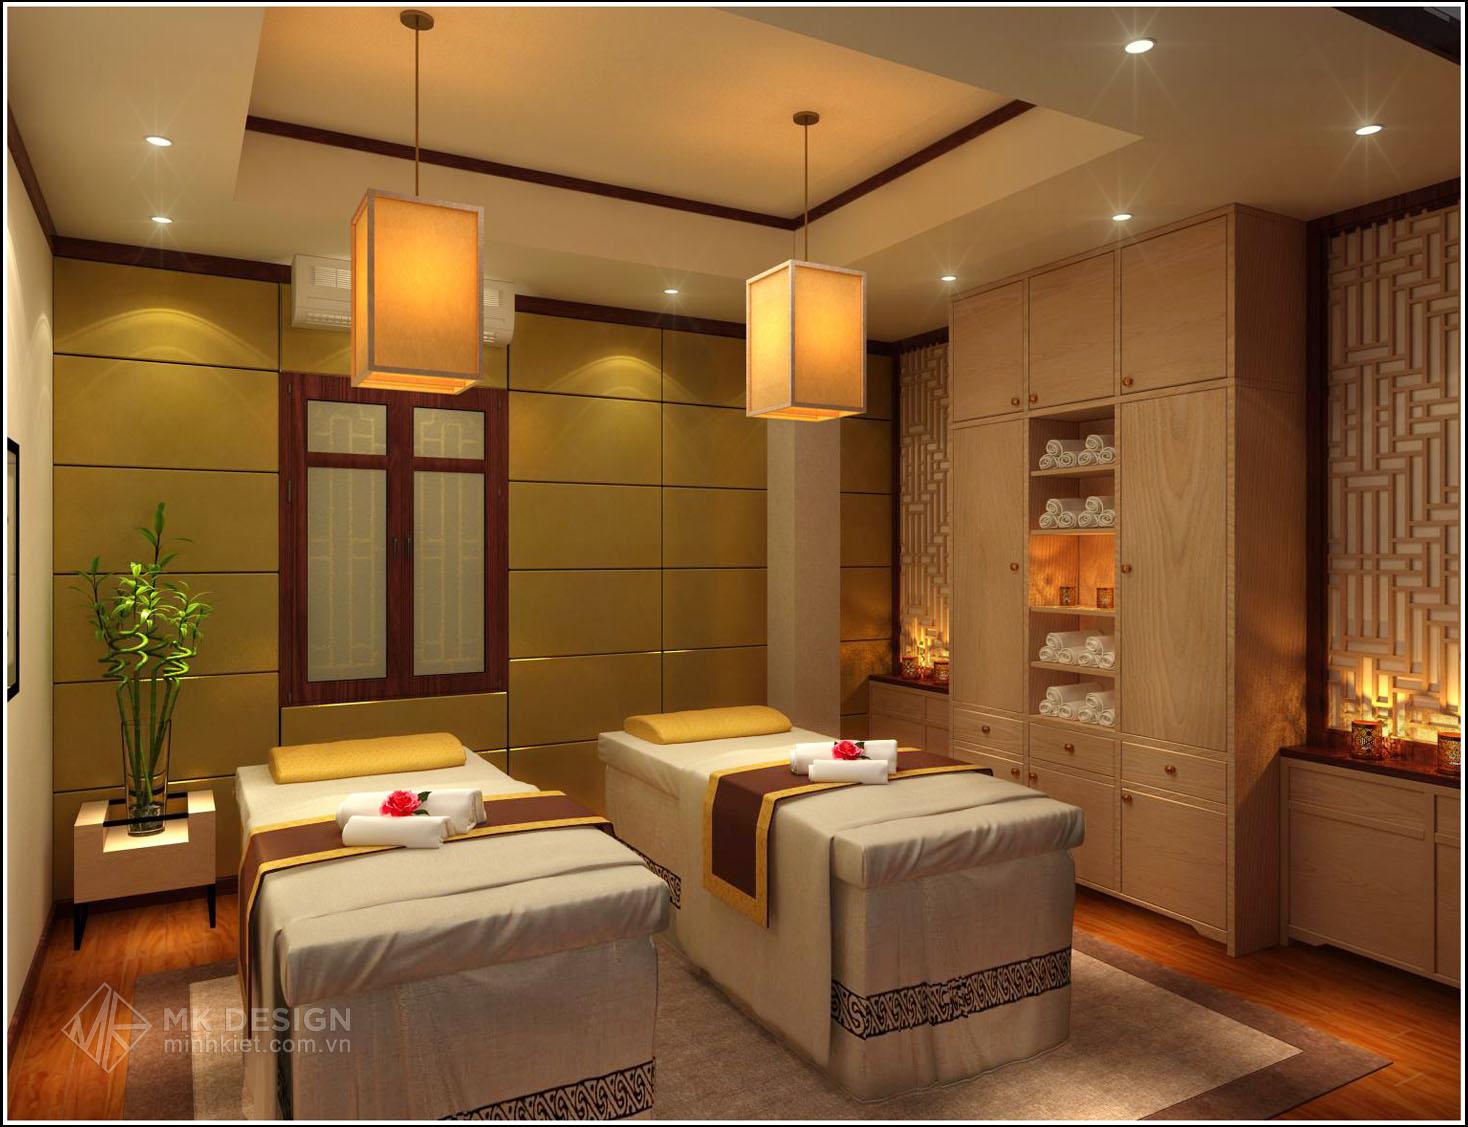 spa-Hana-Minh-Kiet-design12